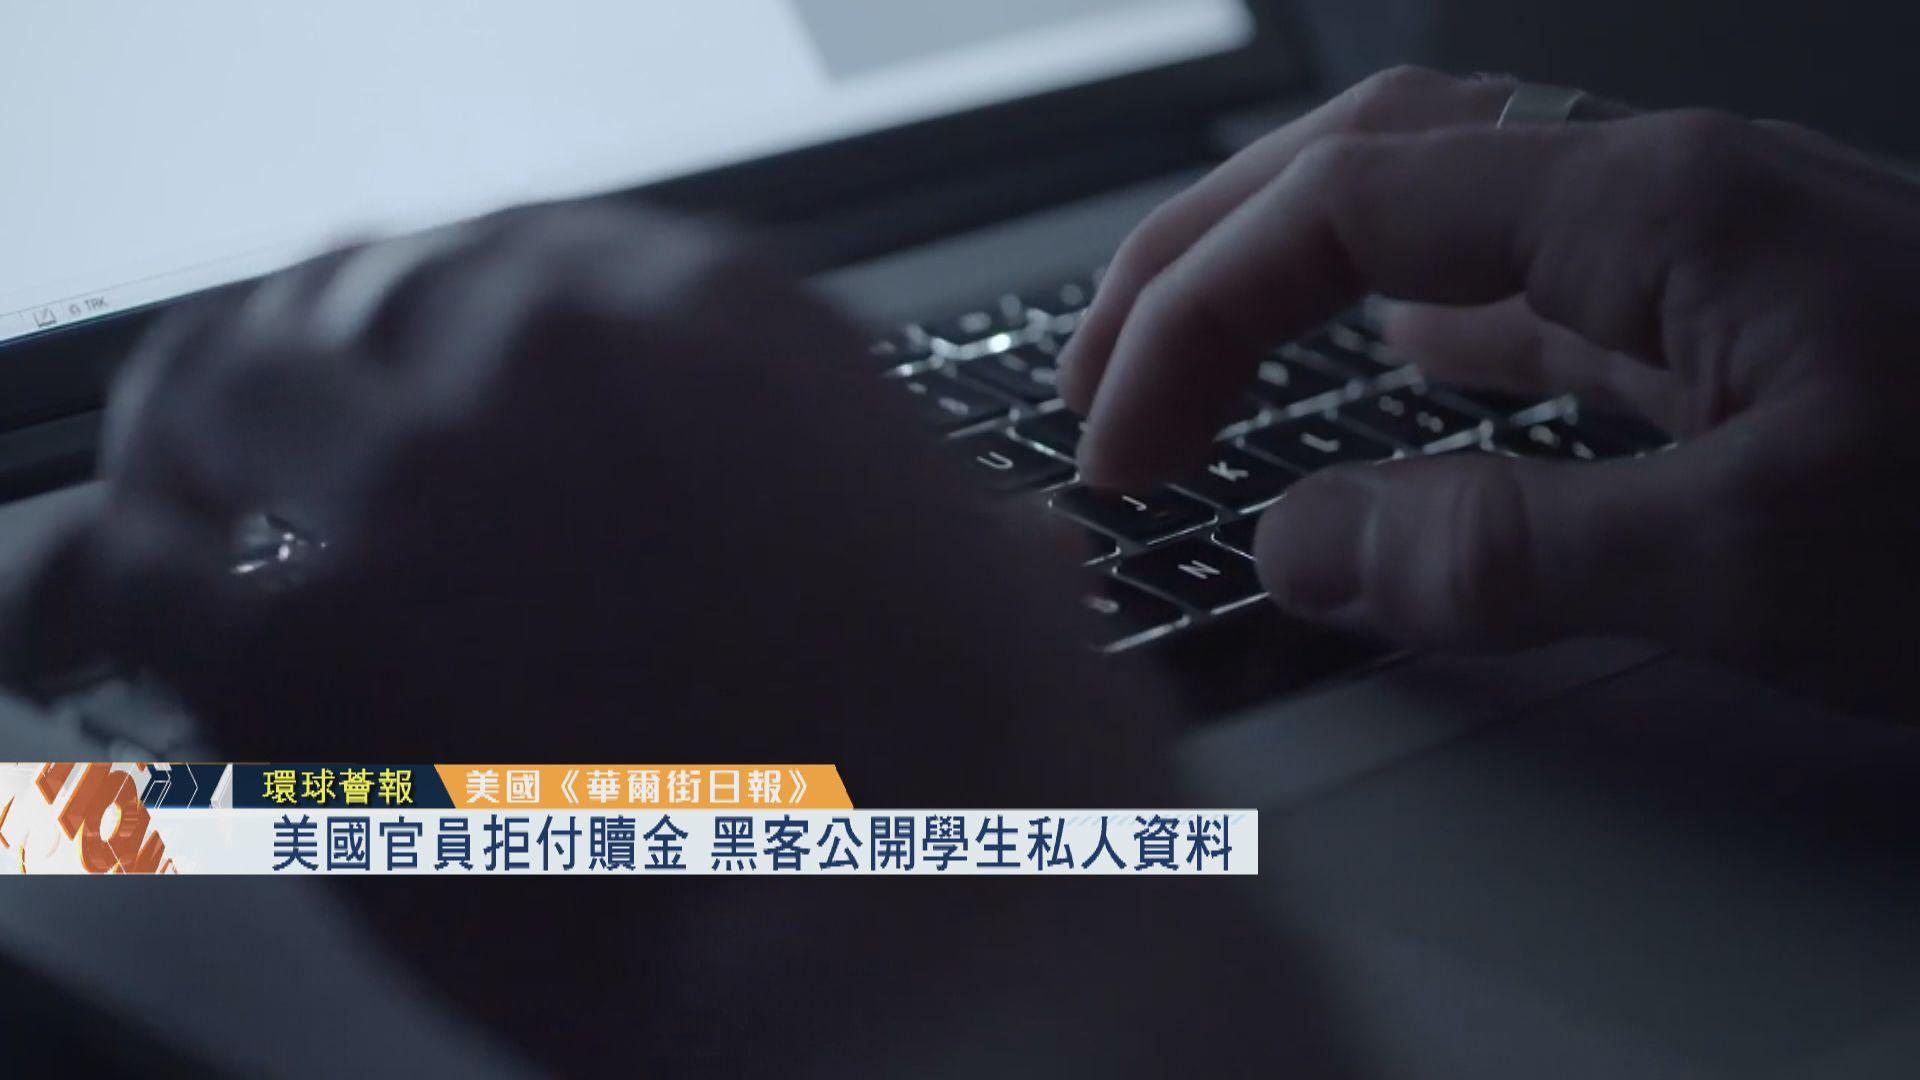 【環球薈報】美官員拒付贖金 黑客公開學生私人資料